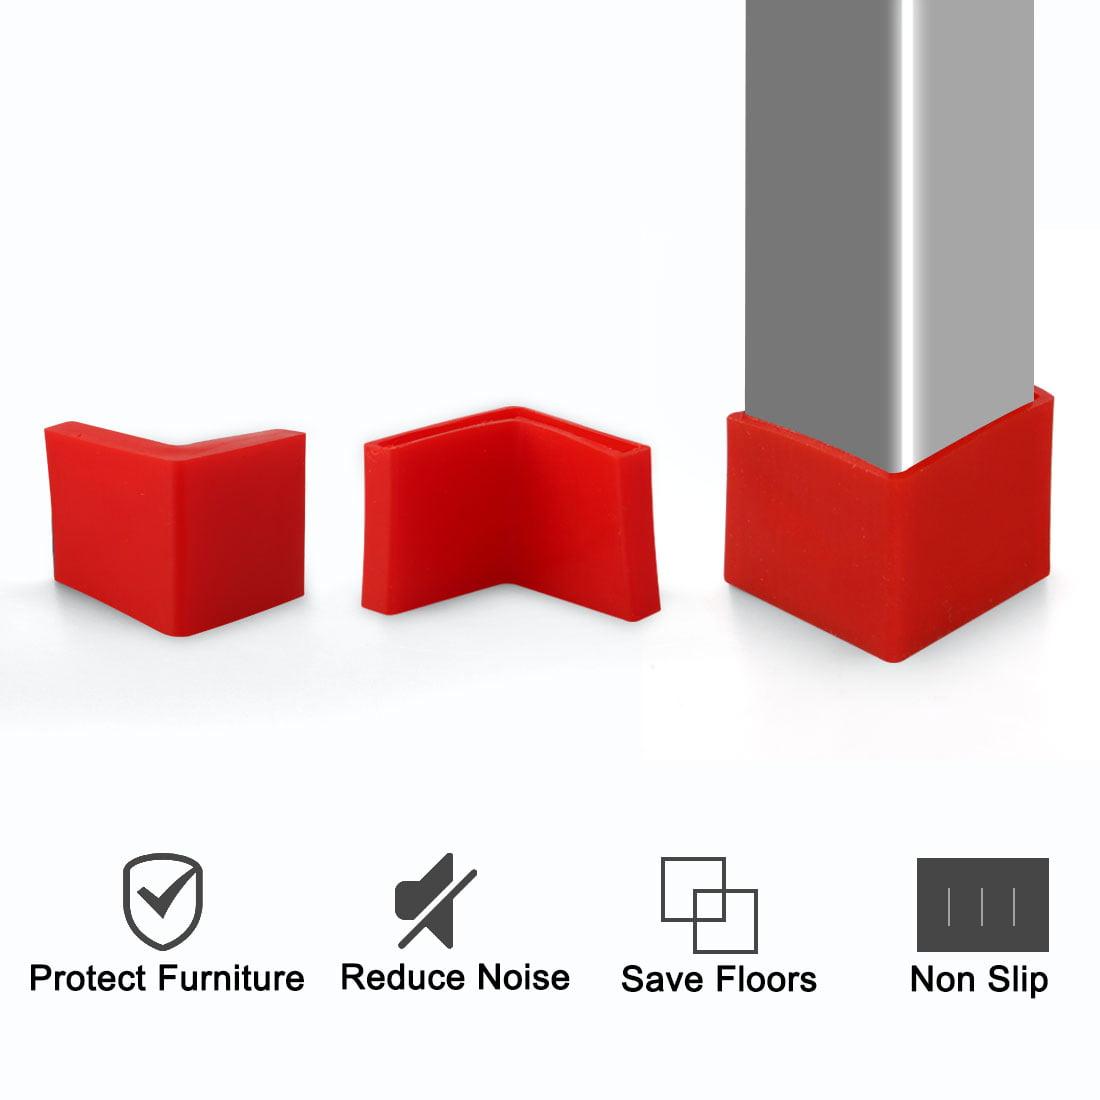 30mm x 30mm Angle Iron Foot Pad L Shaped PVC Leg Caps Floor Protector Red 12 Pcs - image 4 de 7